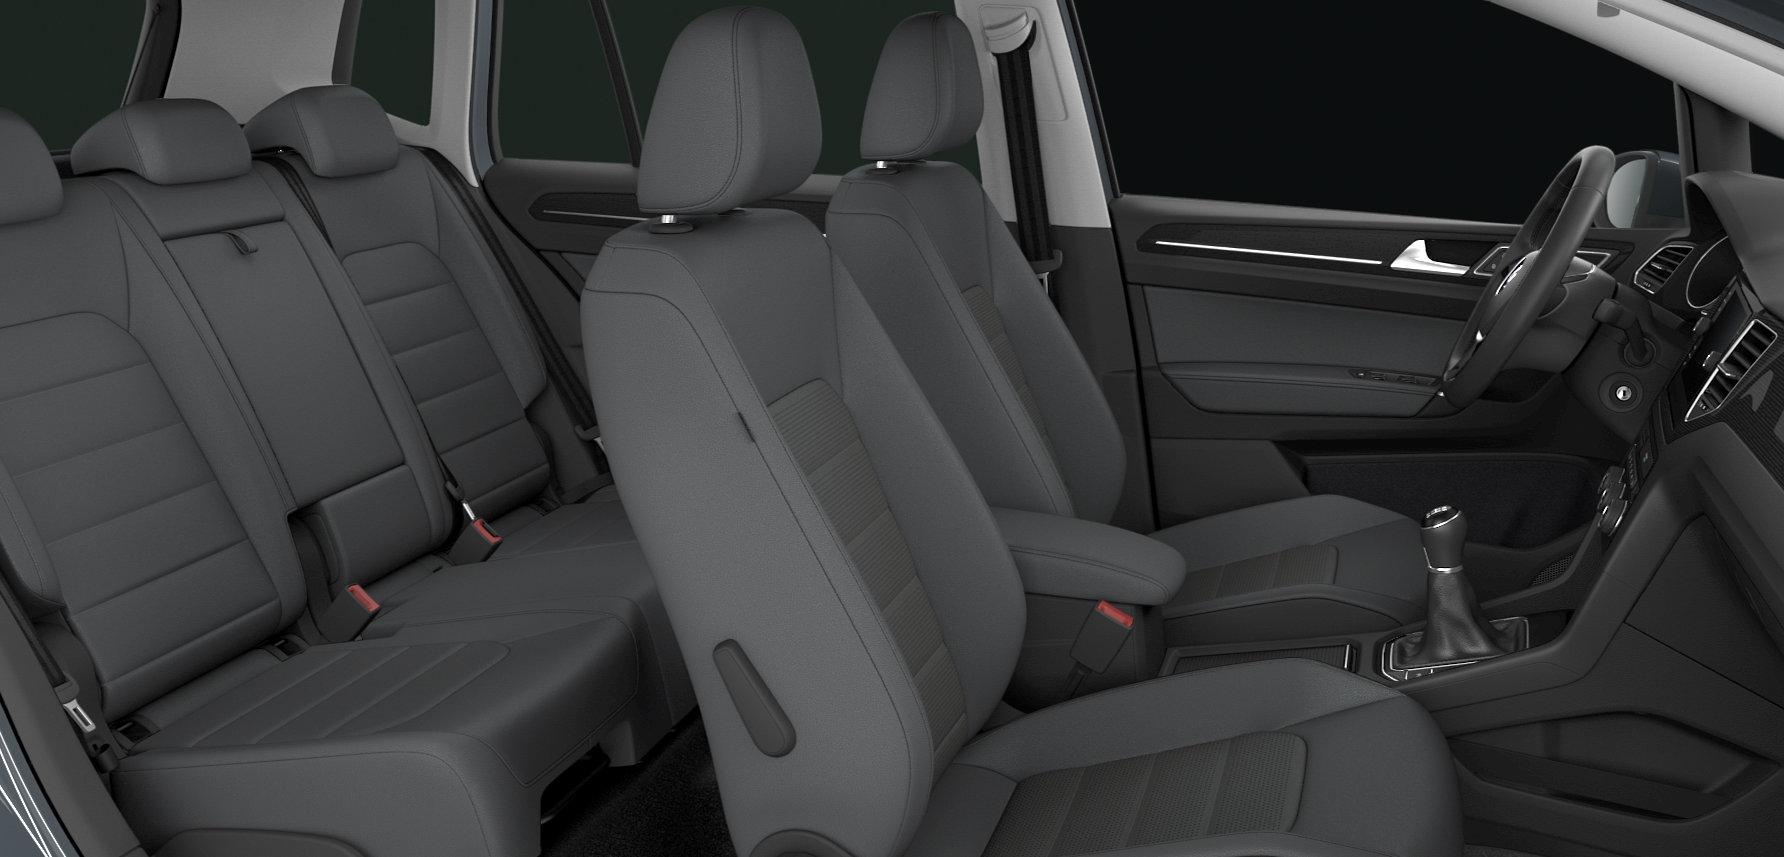 Volkswagen-Golf-Sportsvan-leasen-4